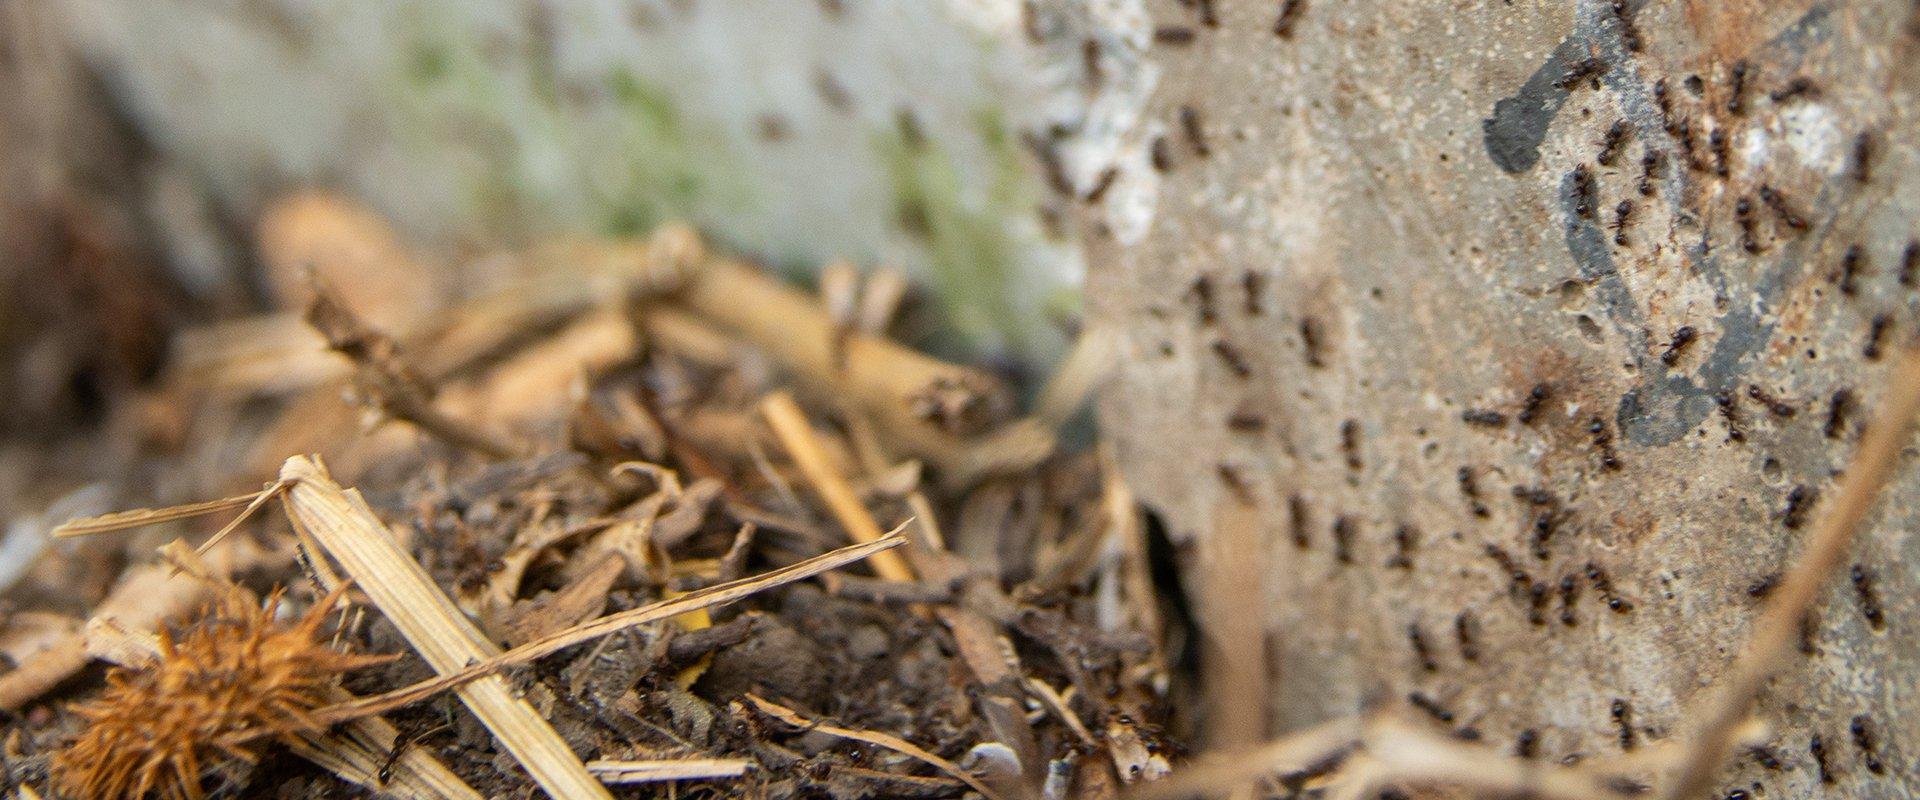 ants on a rock